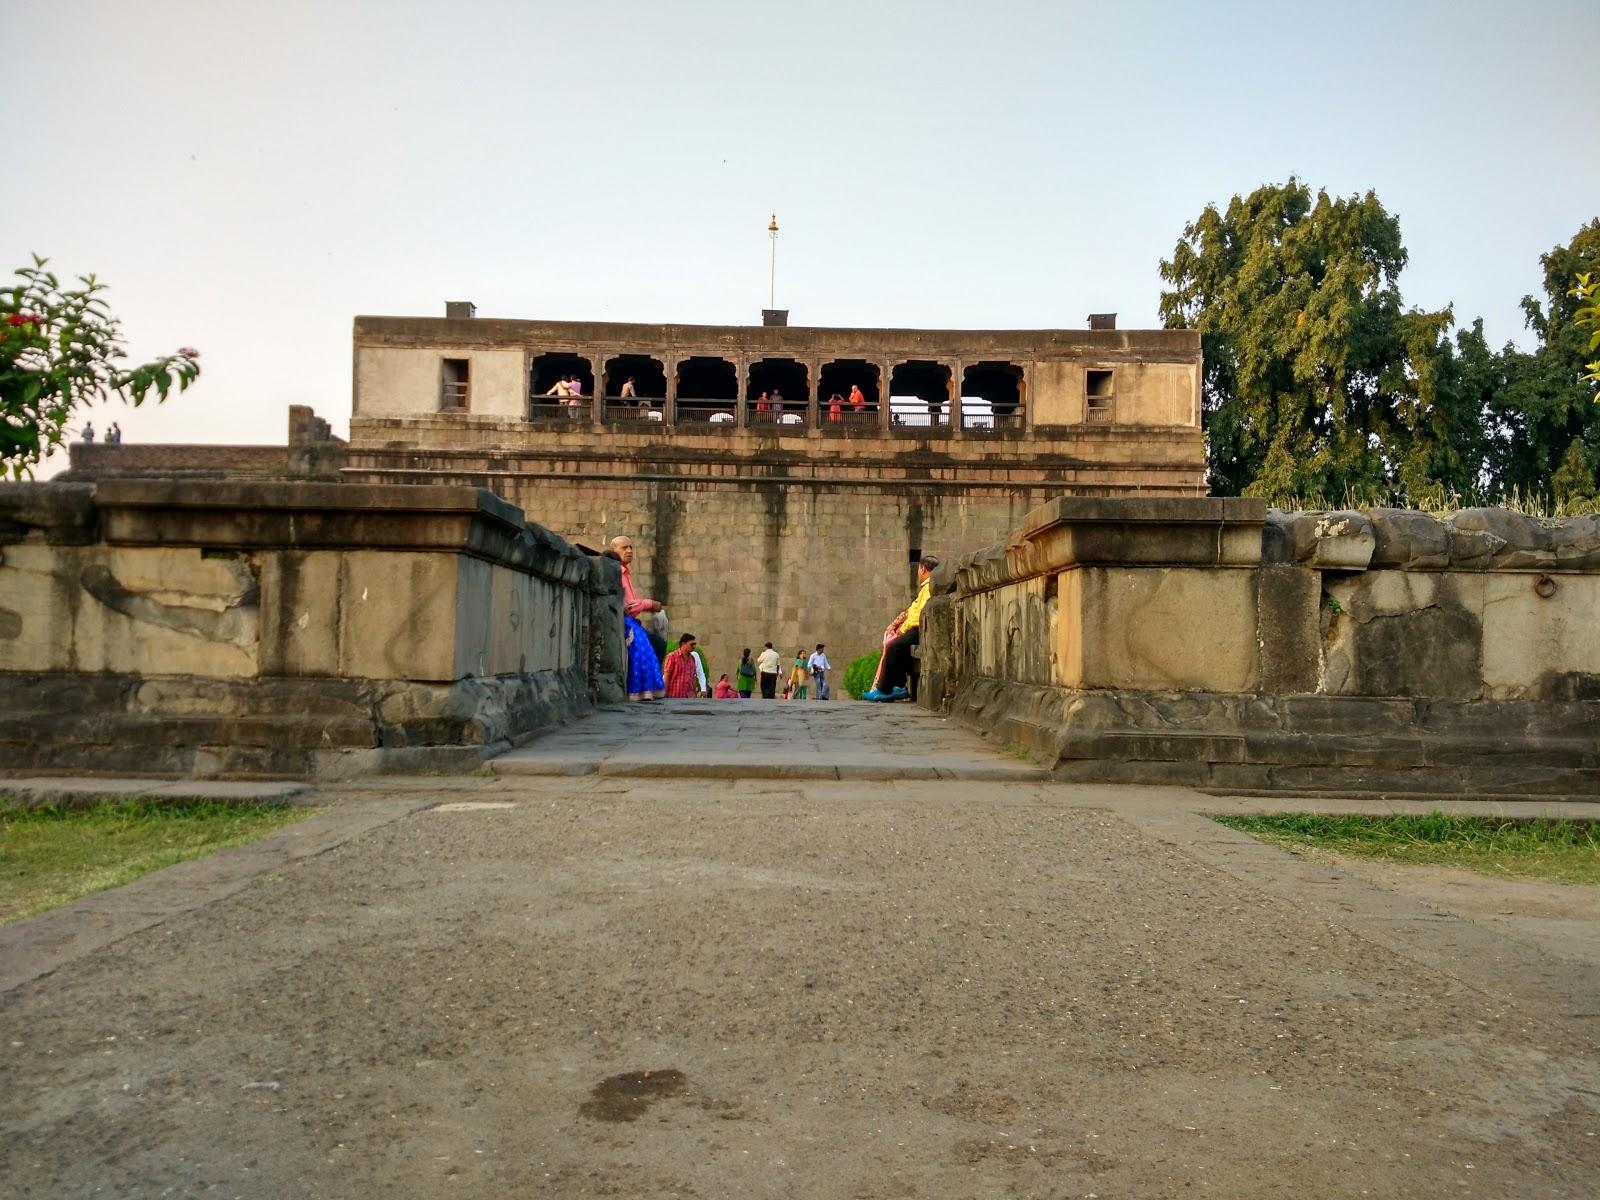 Nagarkhana above Dilli Darwaza at Shaniwar wada fort, Pune